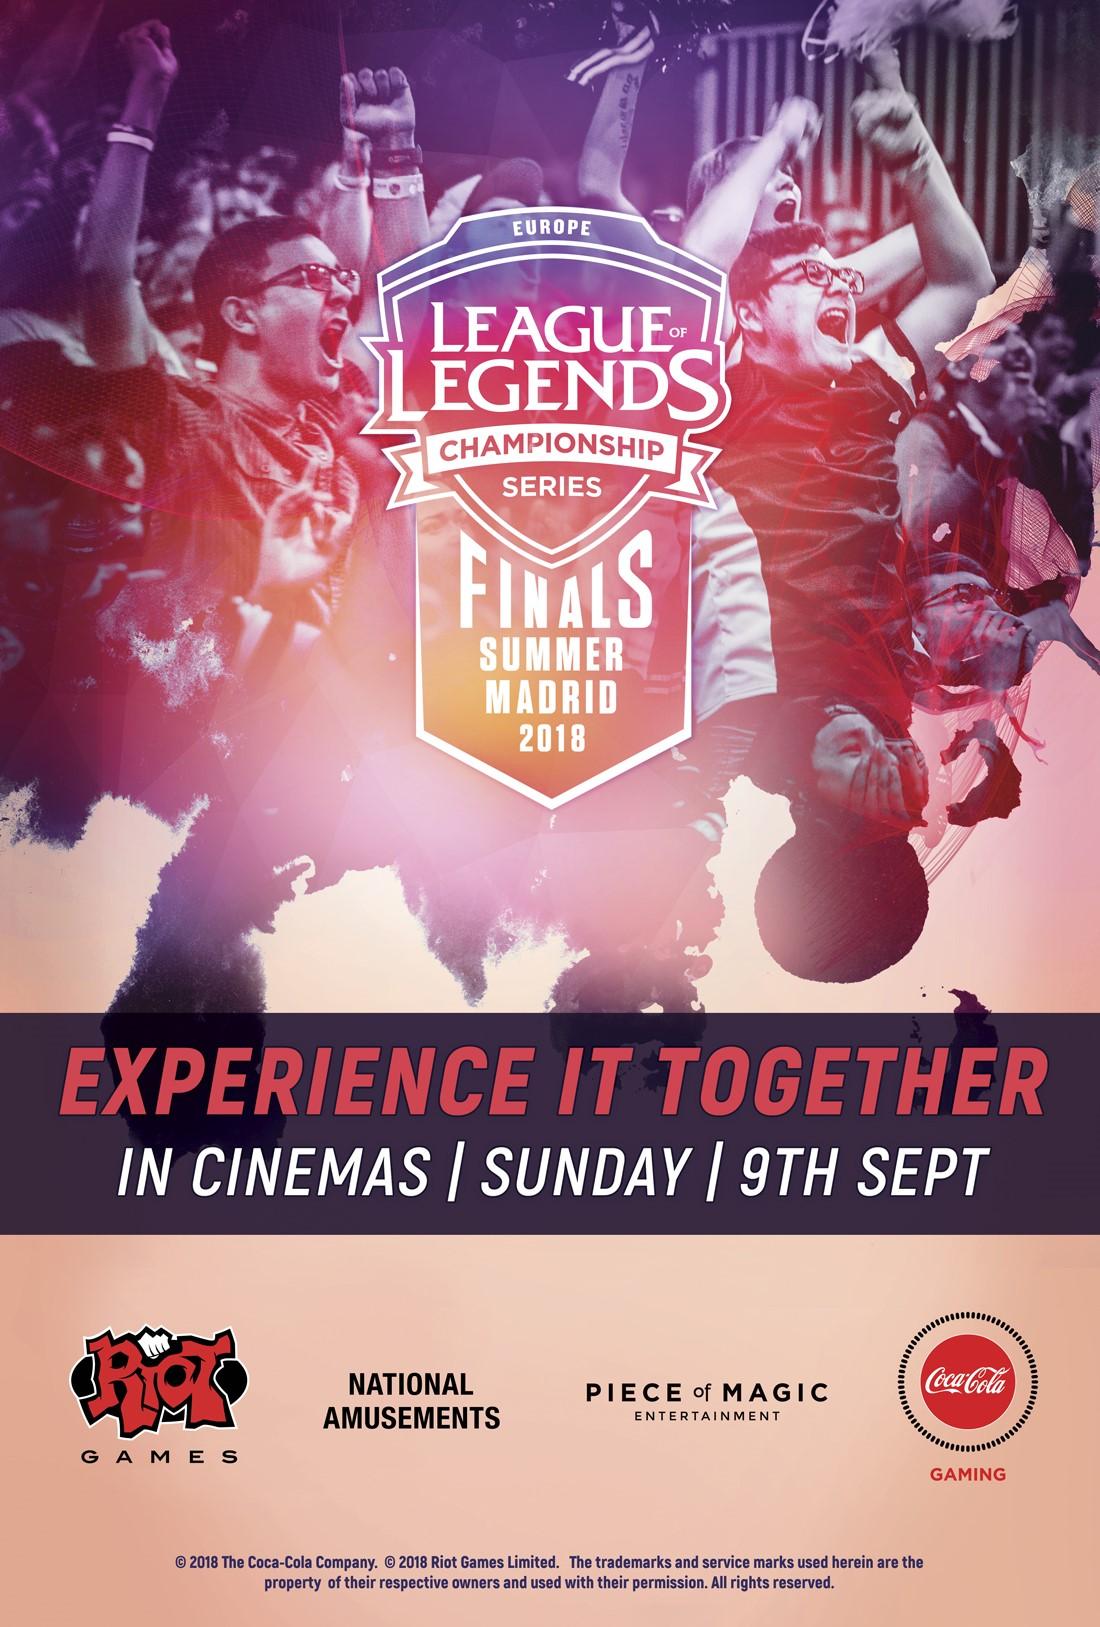 League of Legends EU Summer Finals 2018